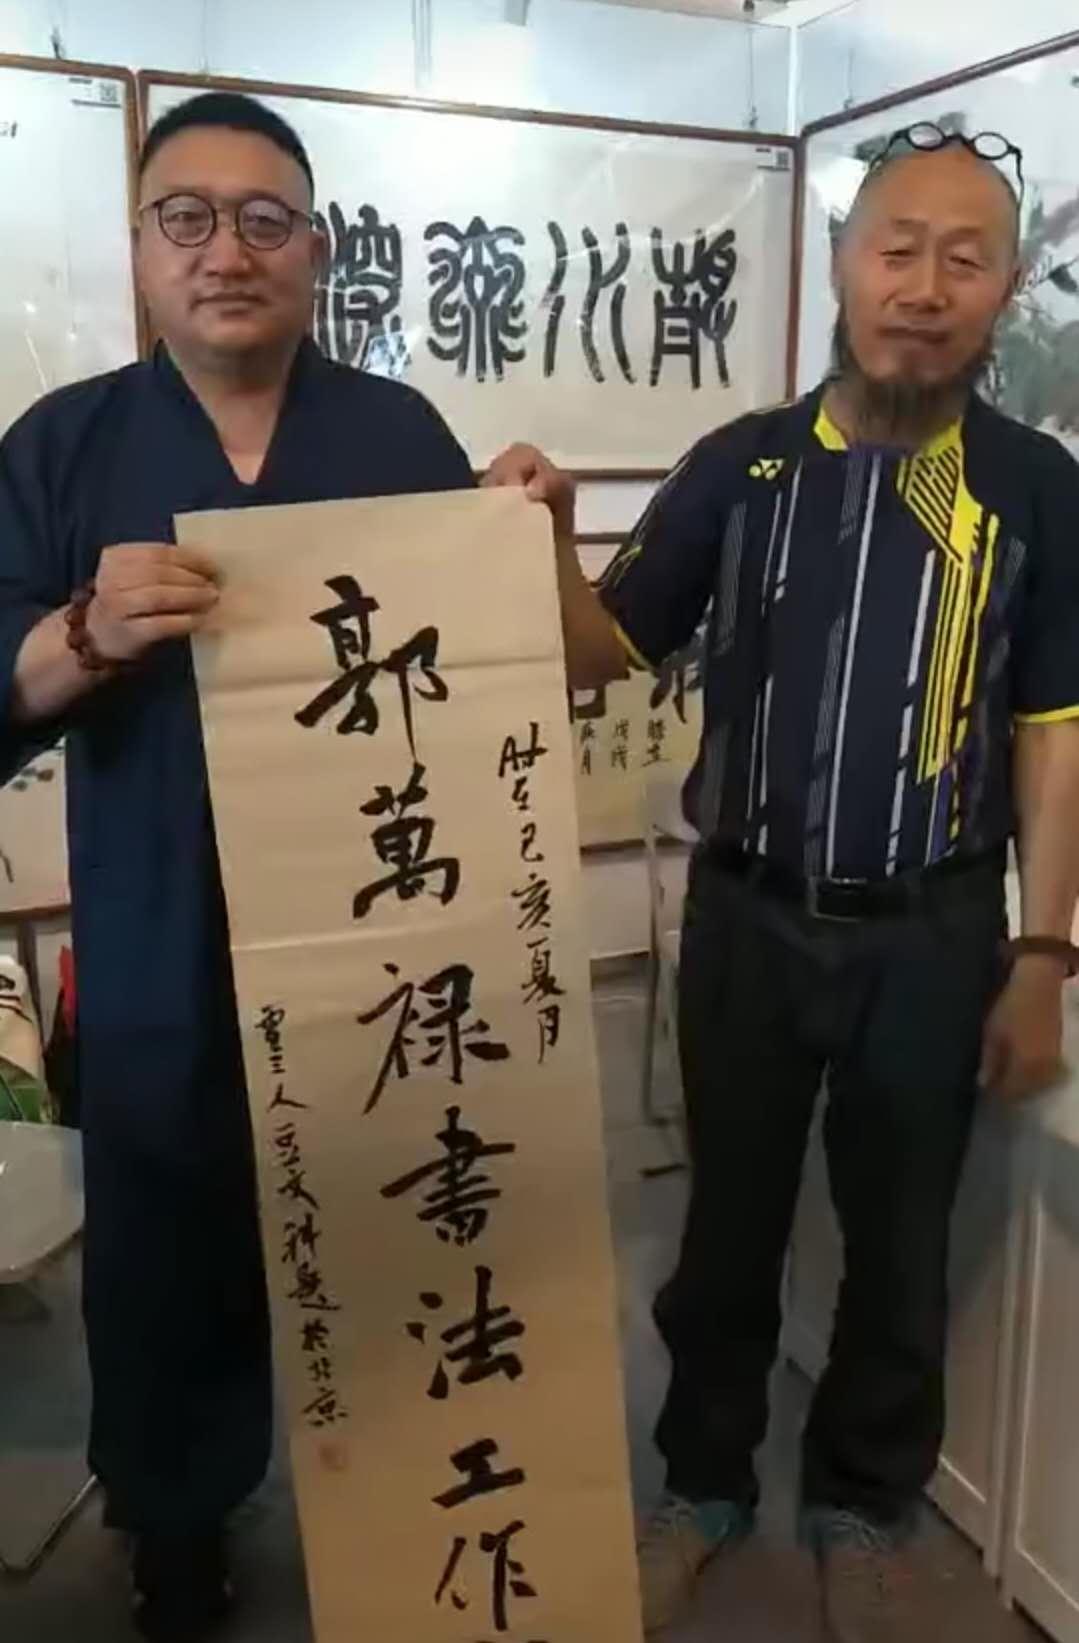 郭万禄书法家参加第十四届北京文博会开幕